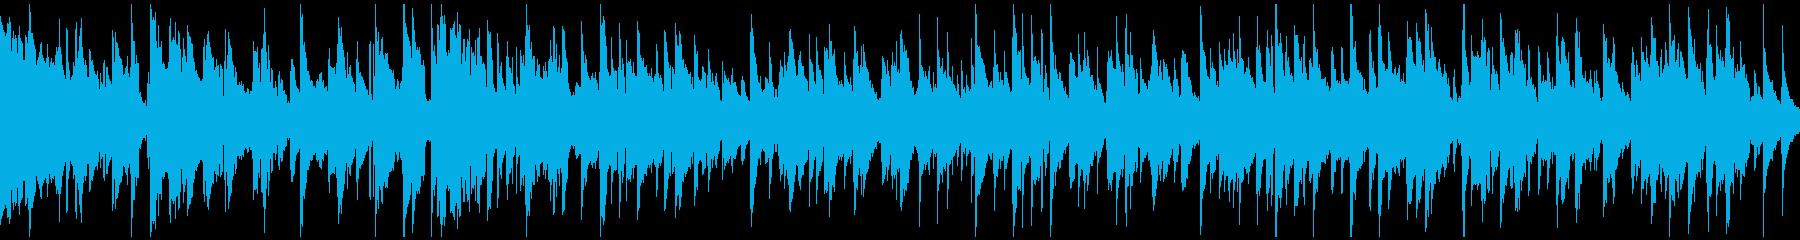 妖艶でエロいセクシーサックス※ループ版の再生済みの波形